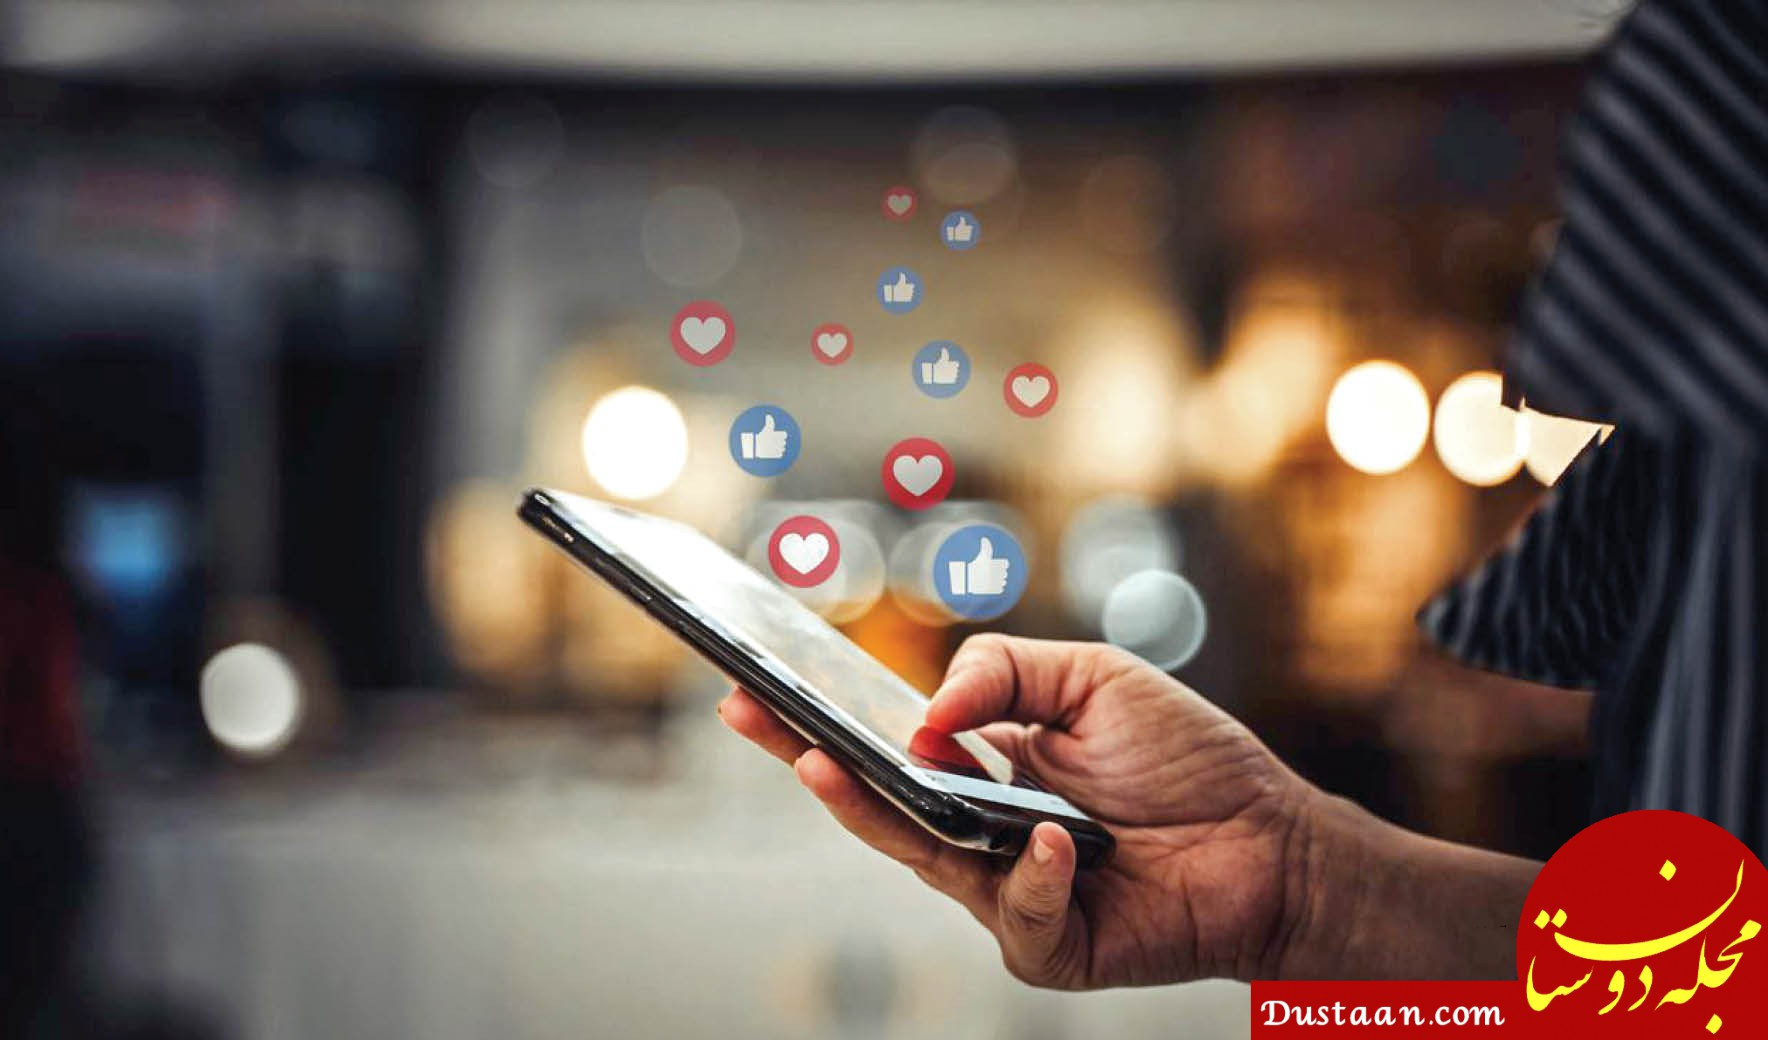 تاثیرات منفی شبکه های اجتماعی را بشناسید